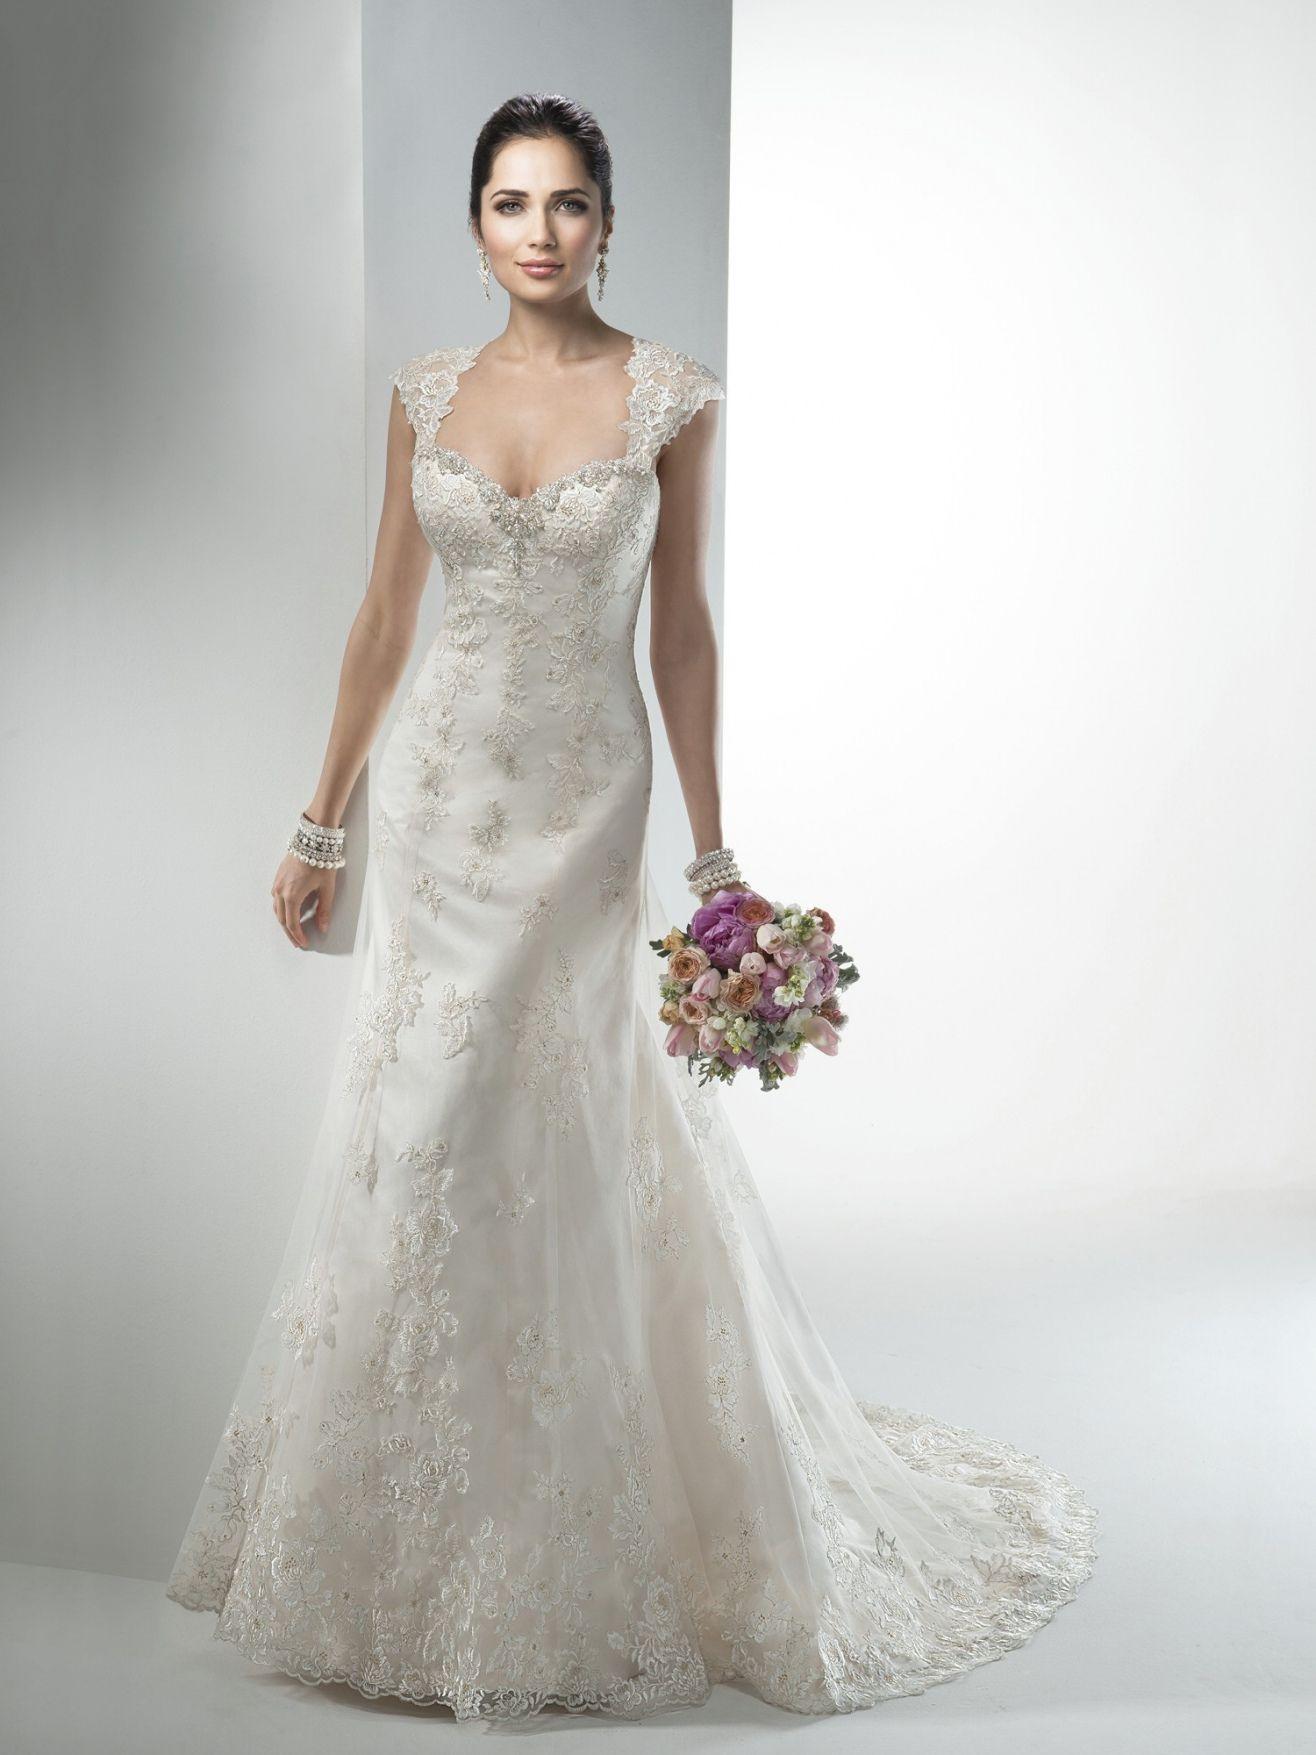 2018 Wedding Dress Consignment Denver - Wedding Dresses for the ...